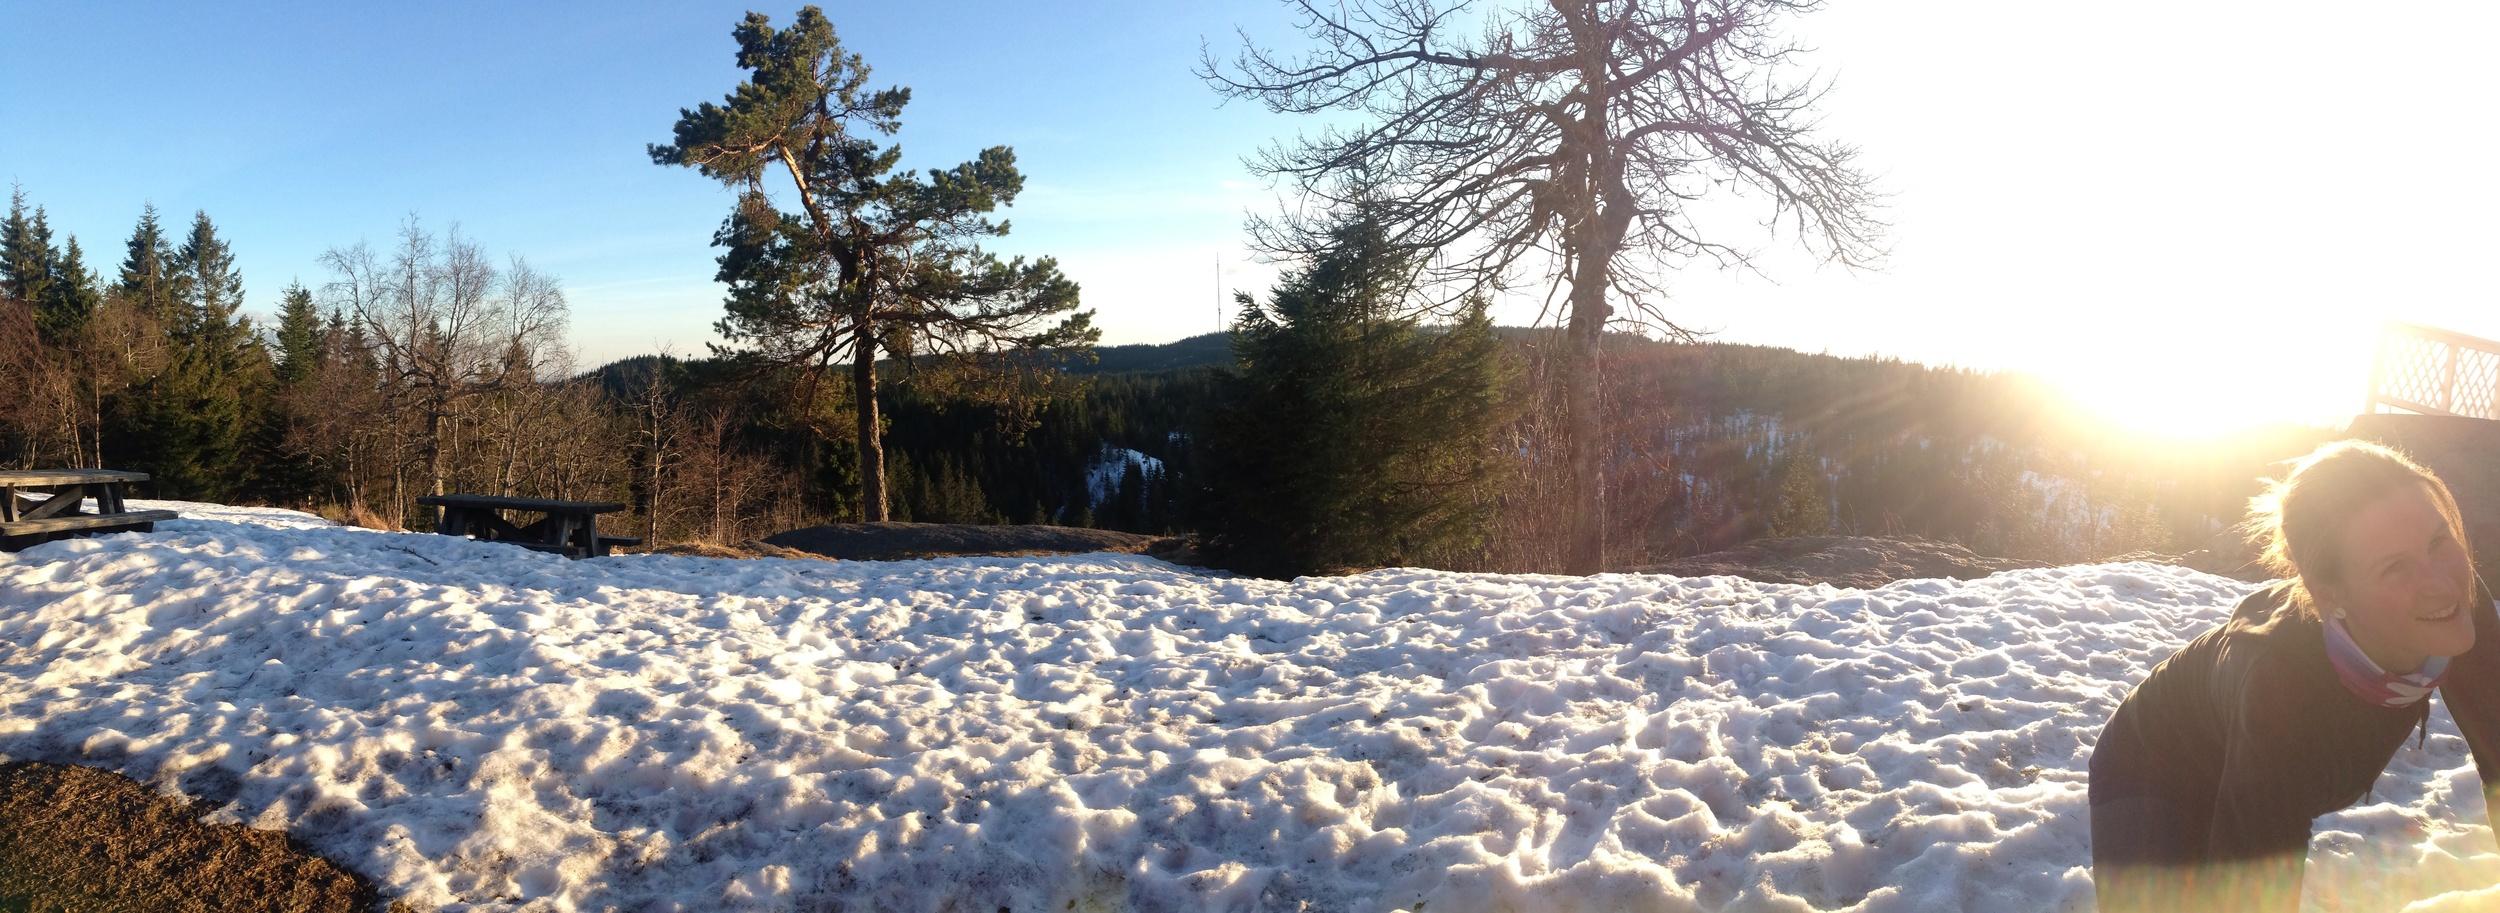 Det ligger noe snø i høyden fremdeles.